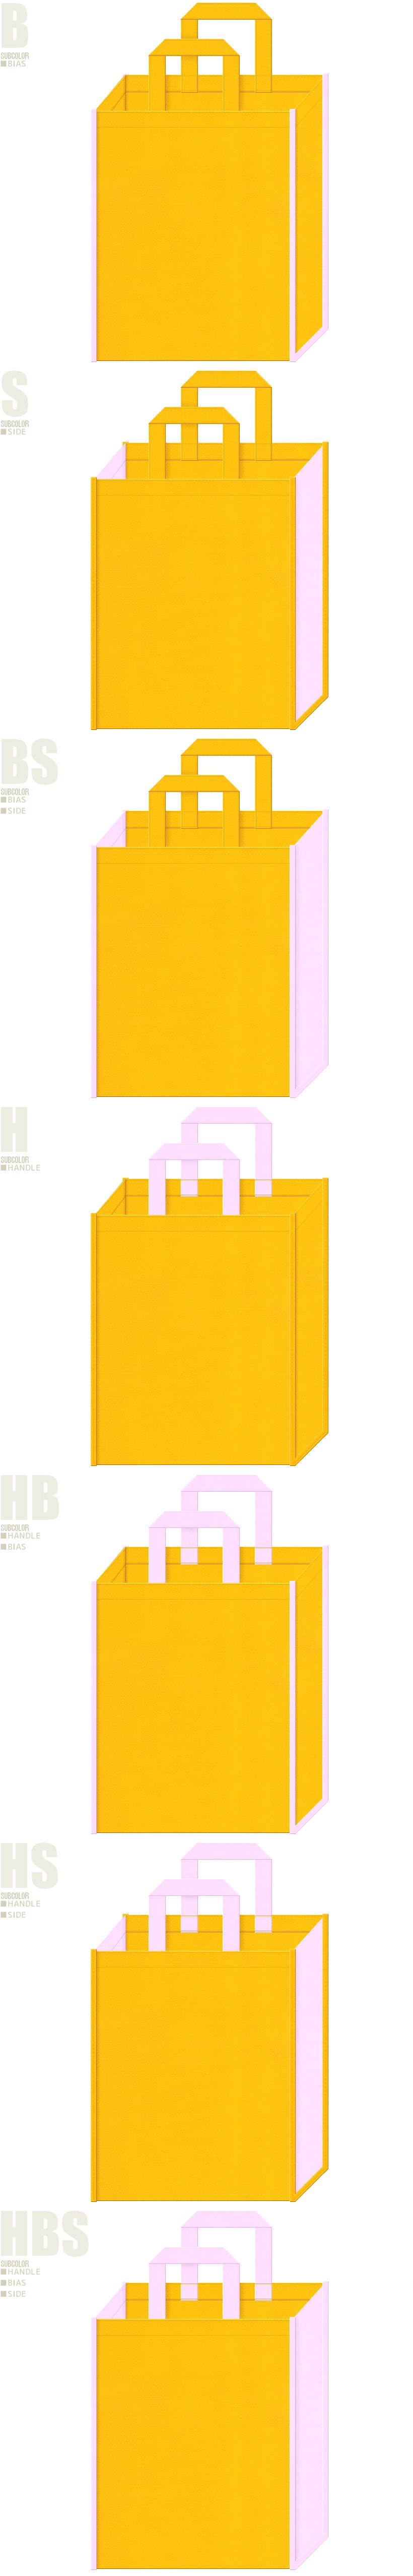 通園バッグにお奨めの不織布バッグデザイン:黄色と明るいピンク色の不織布バッグ配色7パターン。